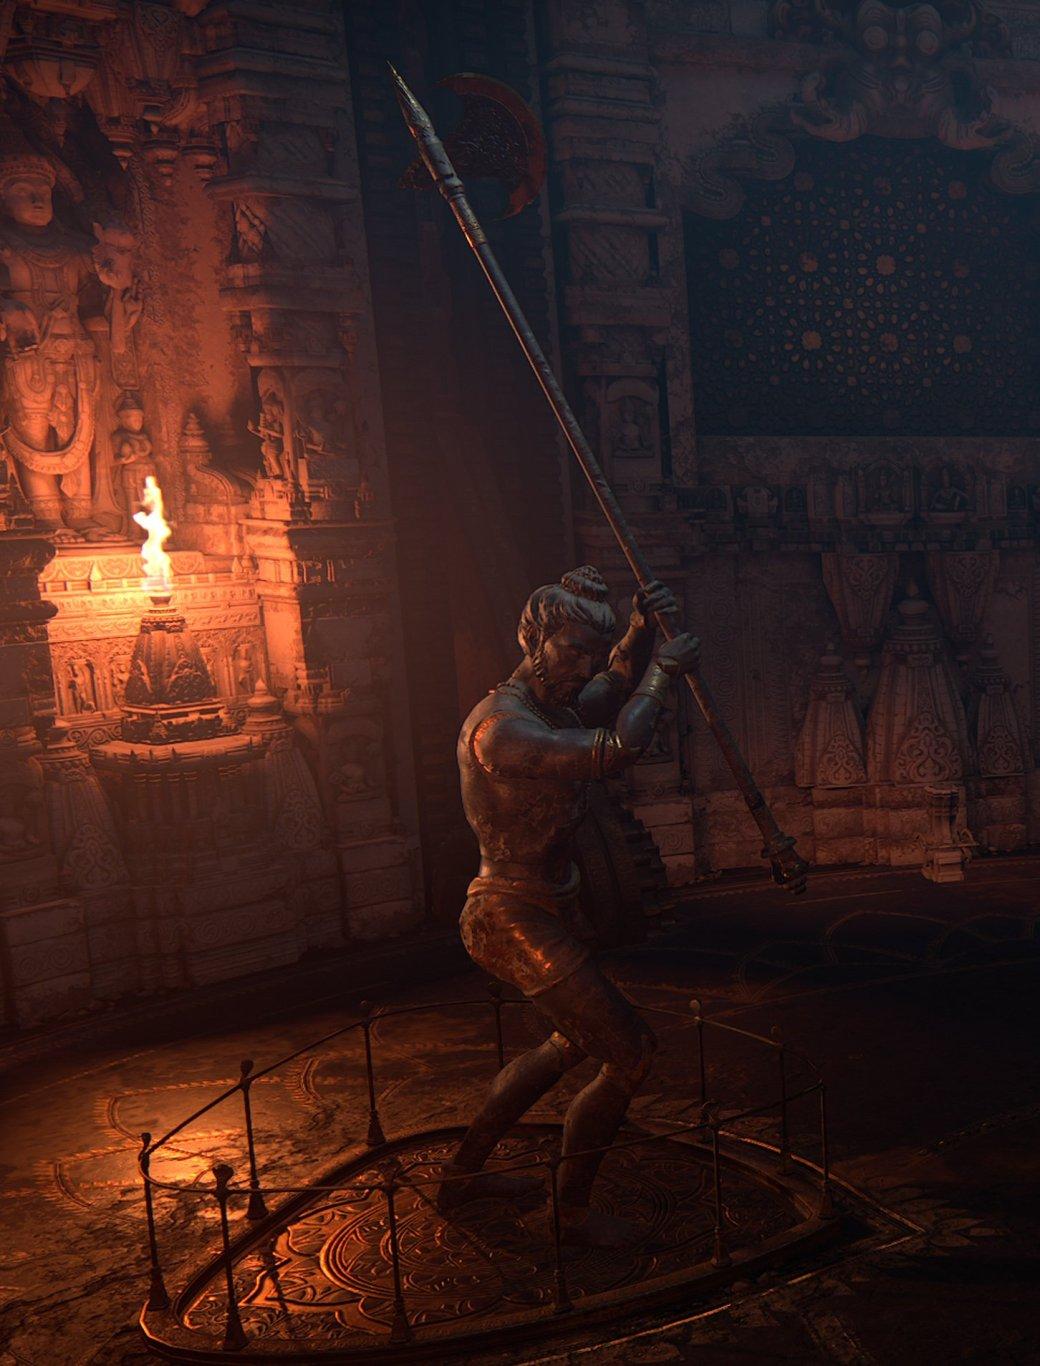 Индийская мифология и реальные места в Uncharted: The Lost Legacy. - Изображение 24